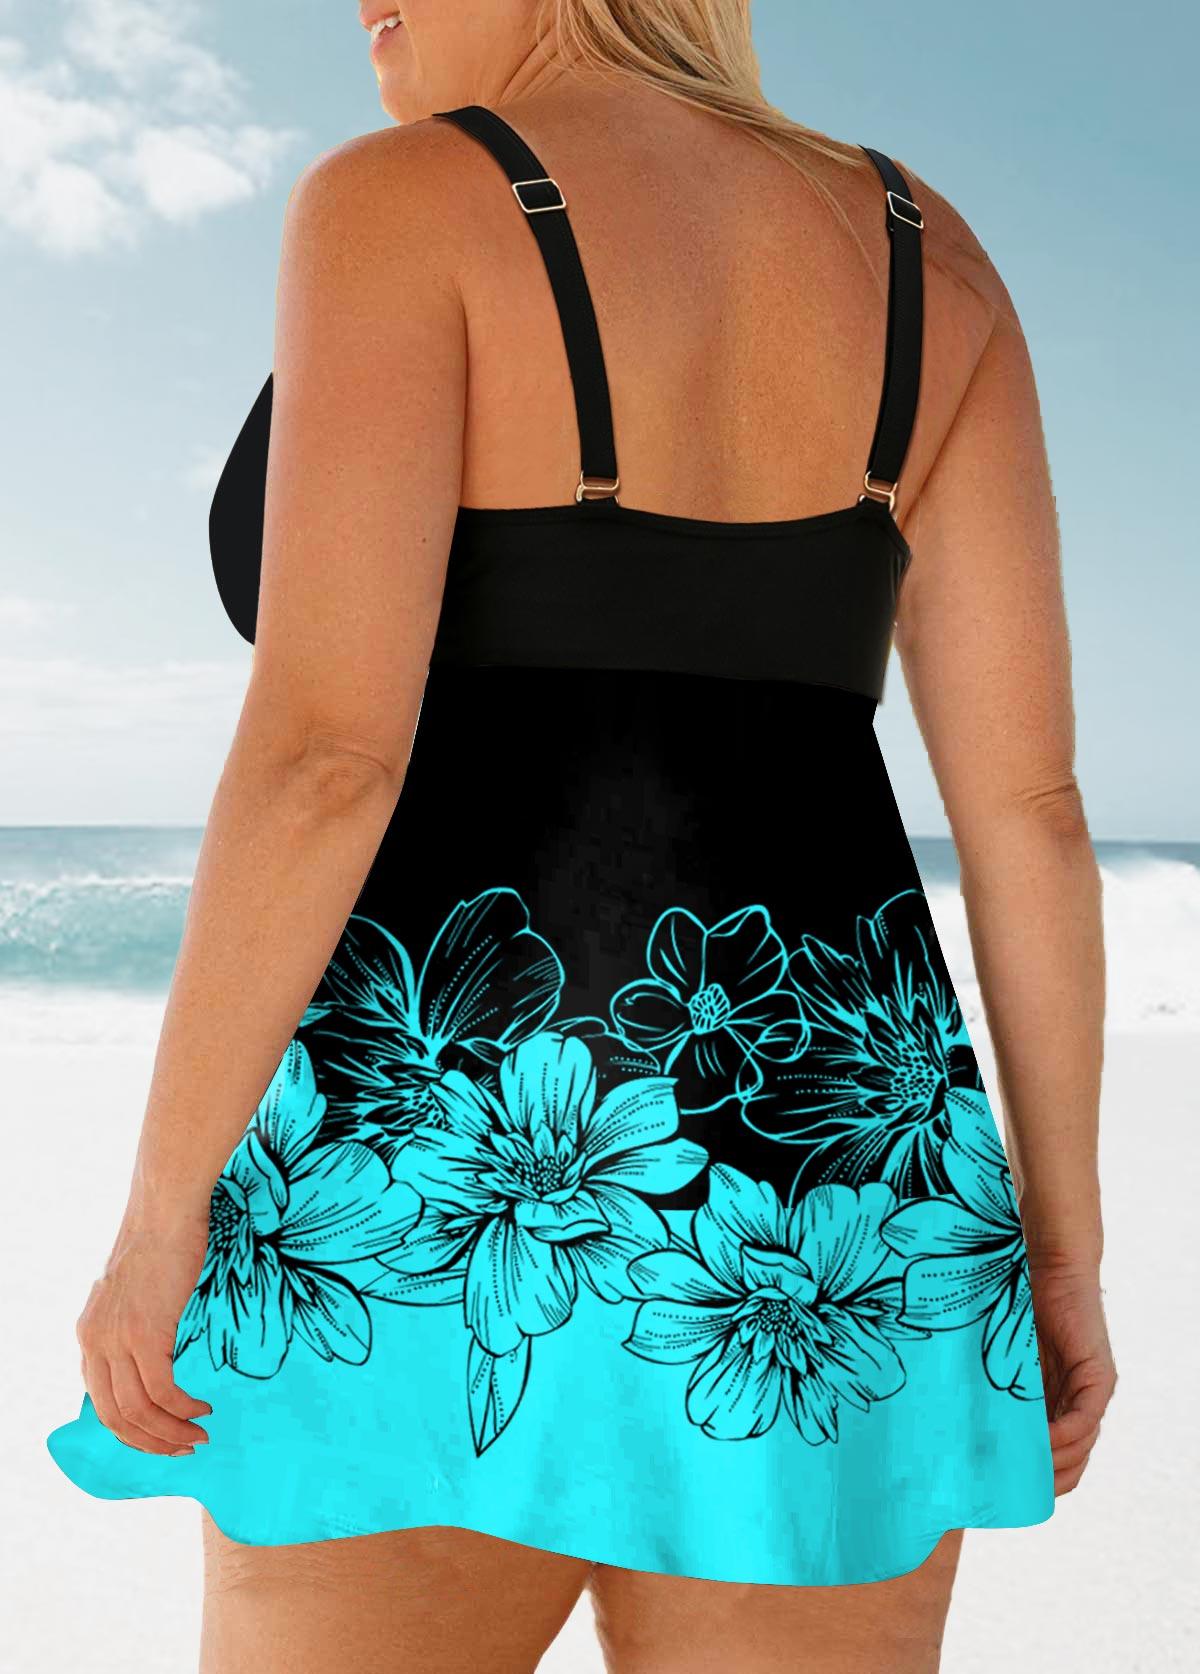 Bowknot Plus Size Floral Print Swimwear Top